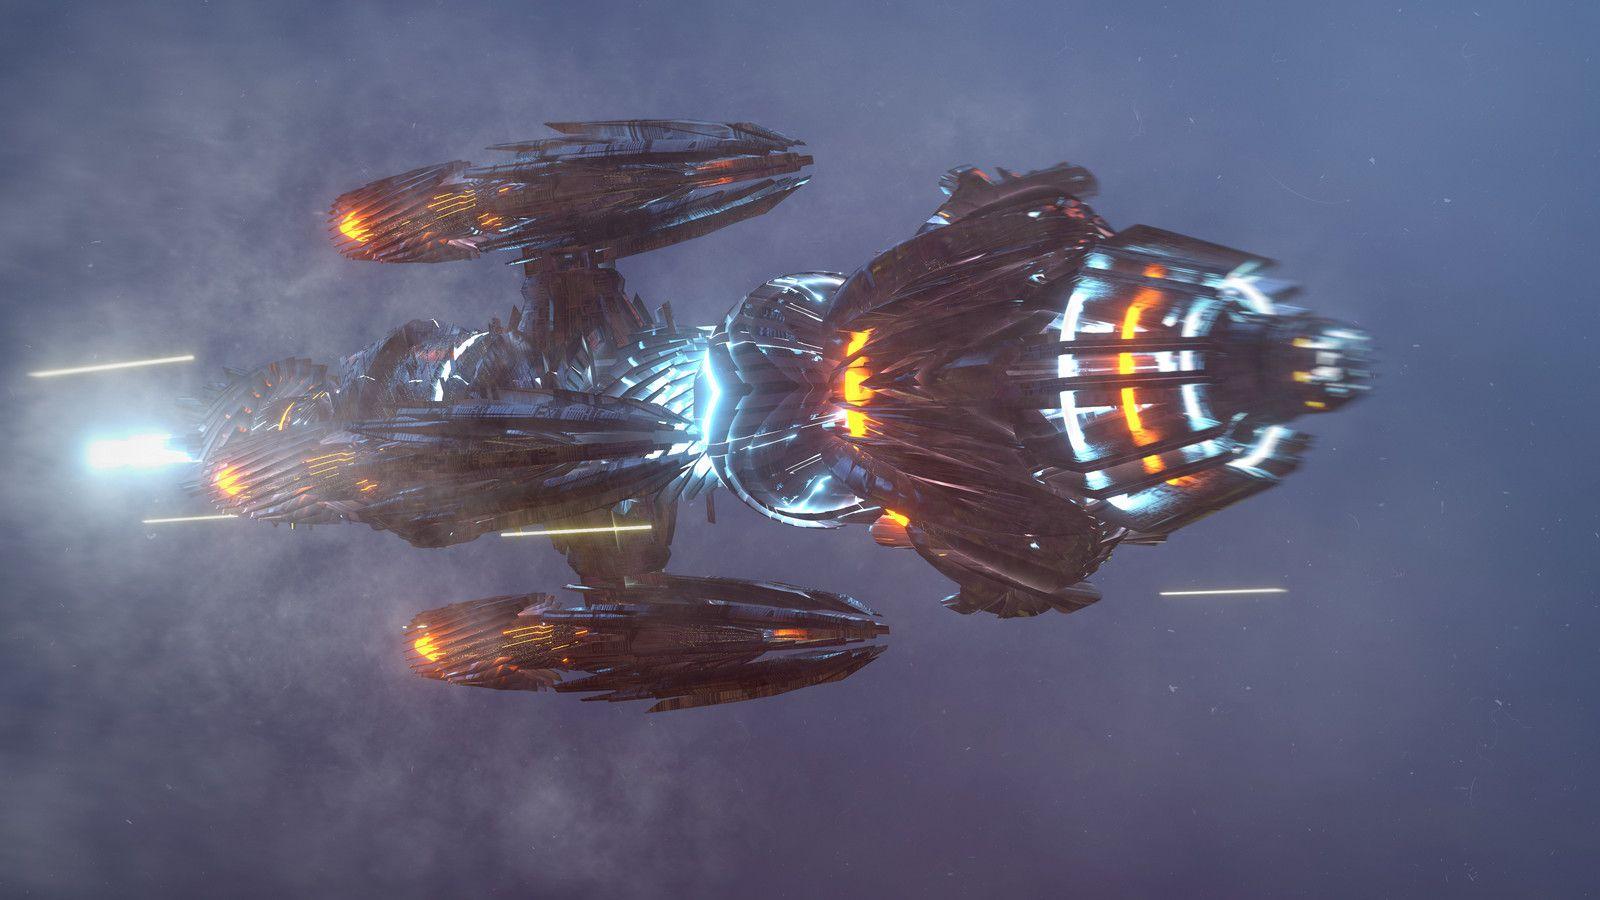 245-140616 starship, Kresimir Jelusic (robob3ar) on ArtStation at https://www.artstation.com/artwork/q63BR